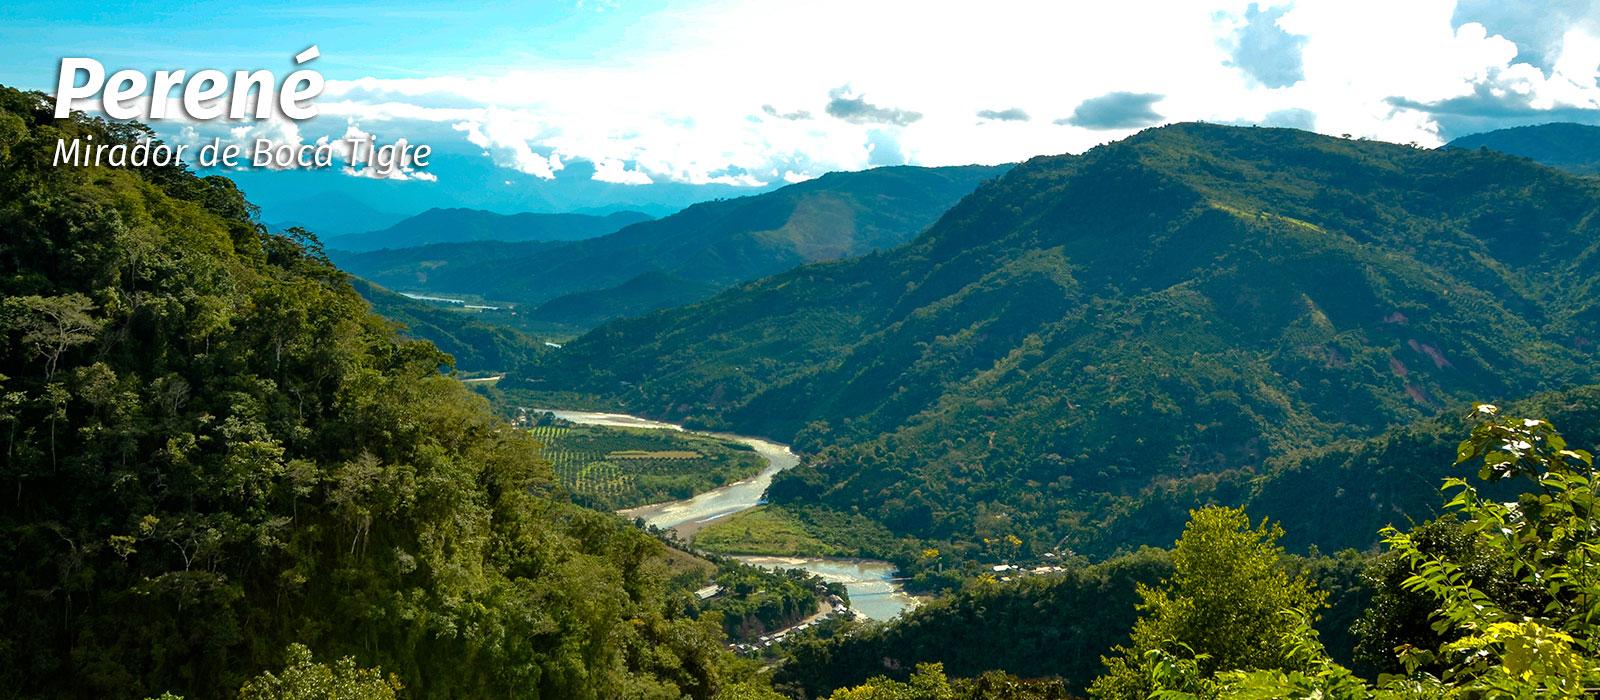 Selva Central del Perú